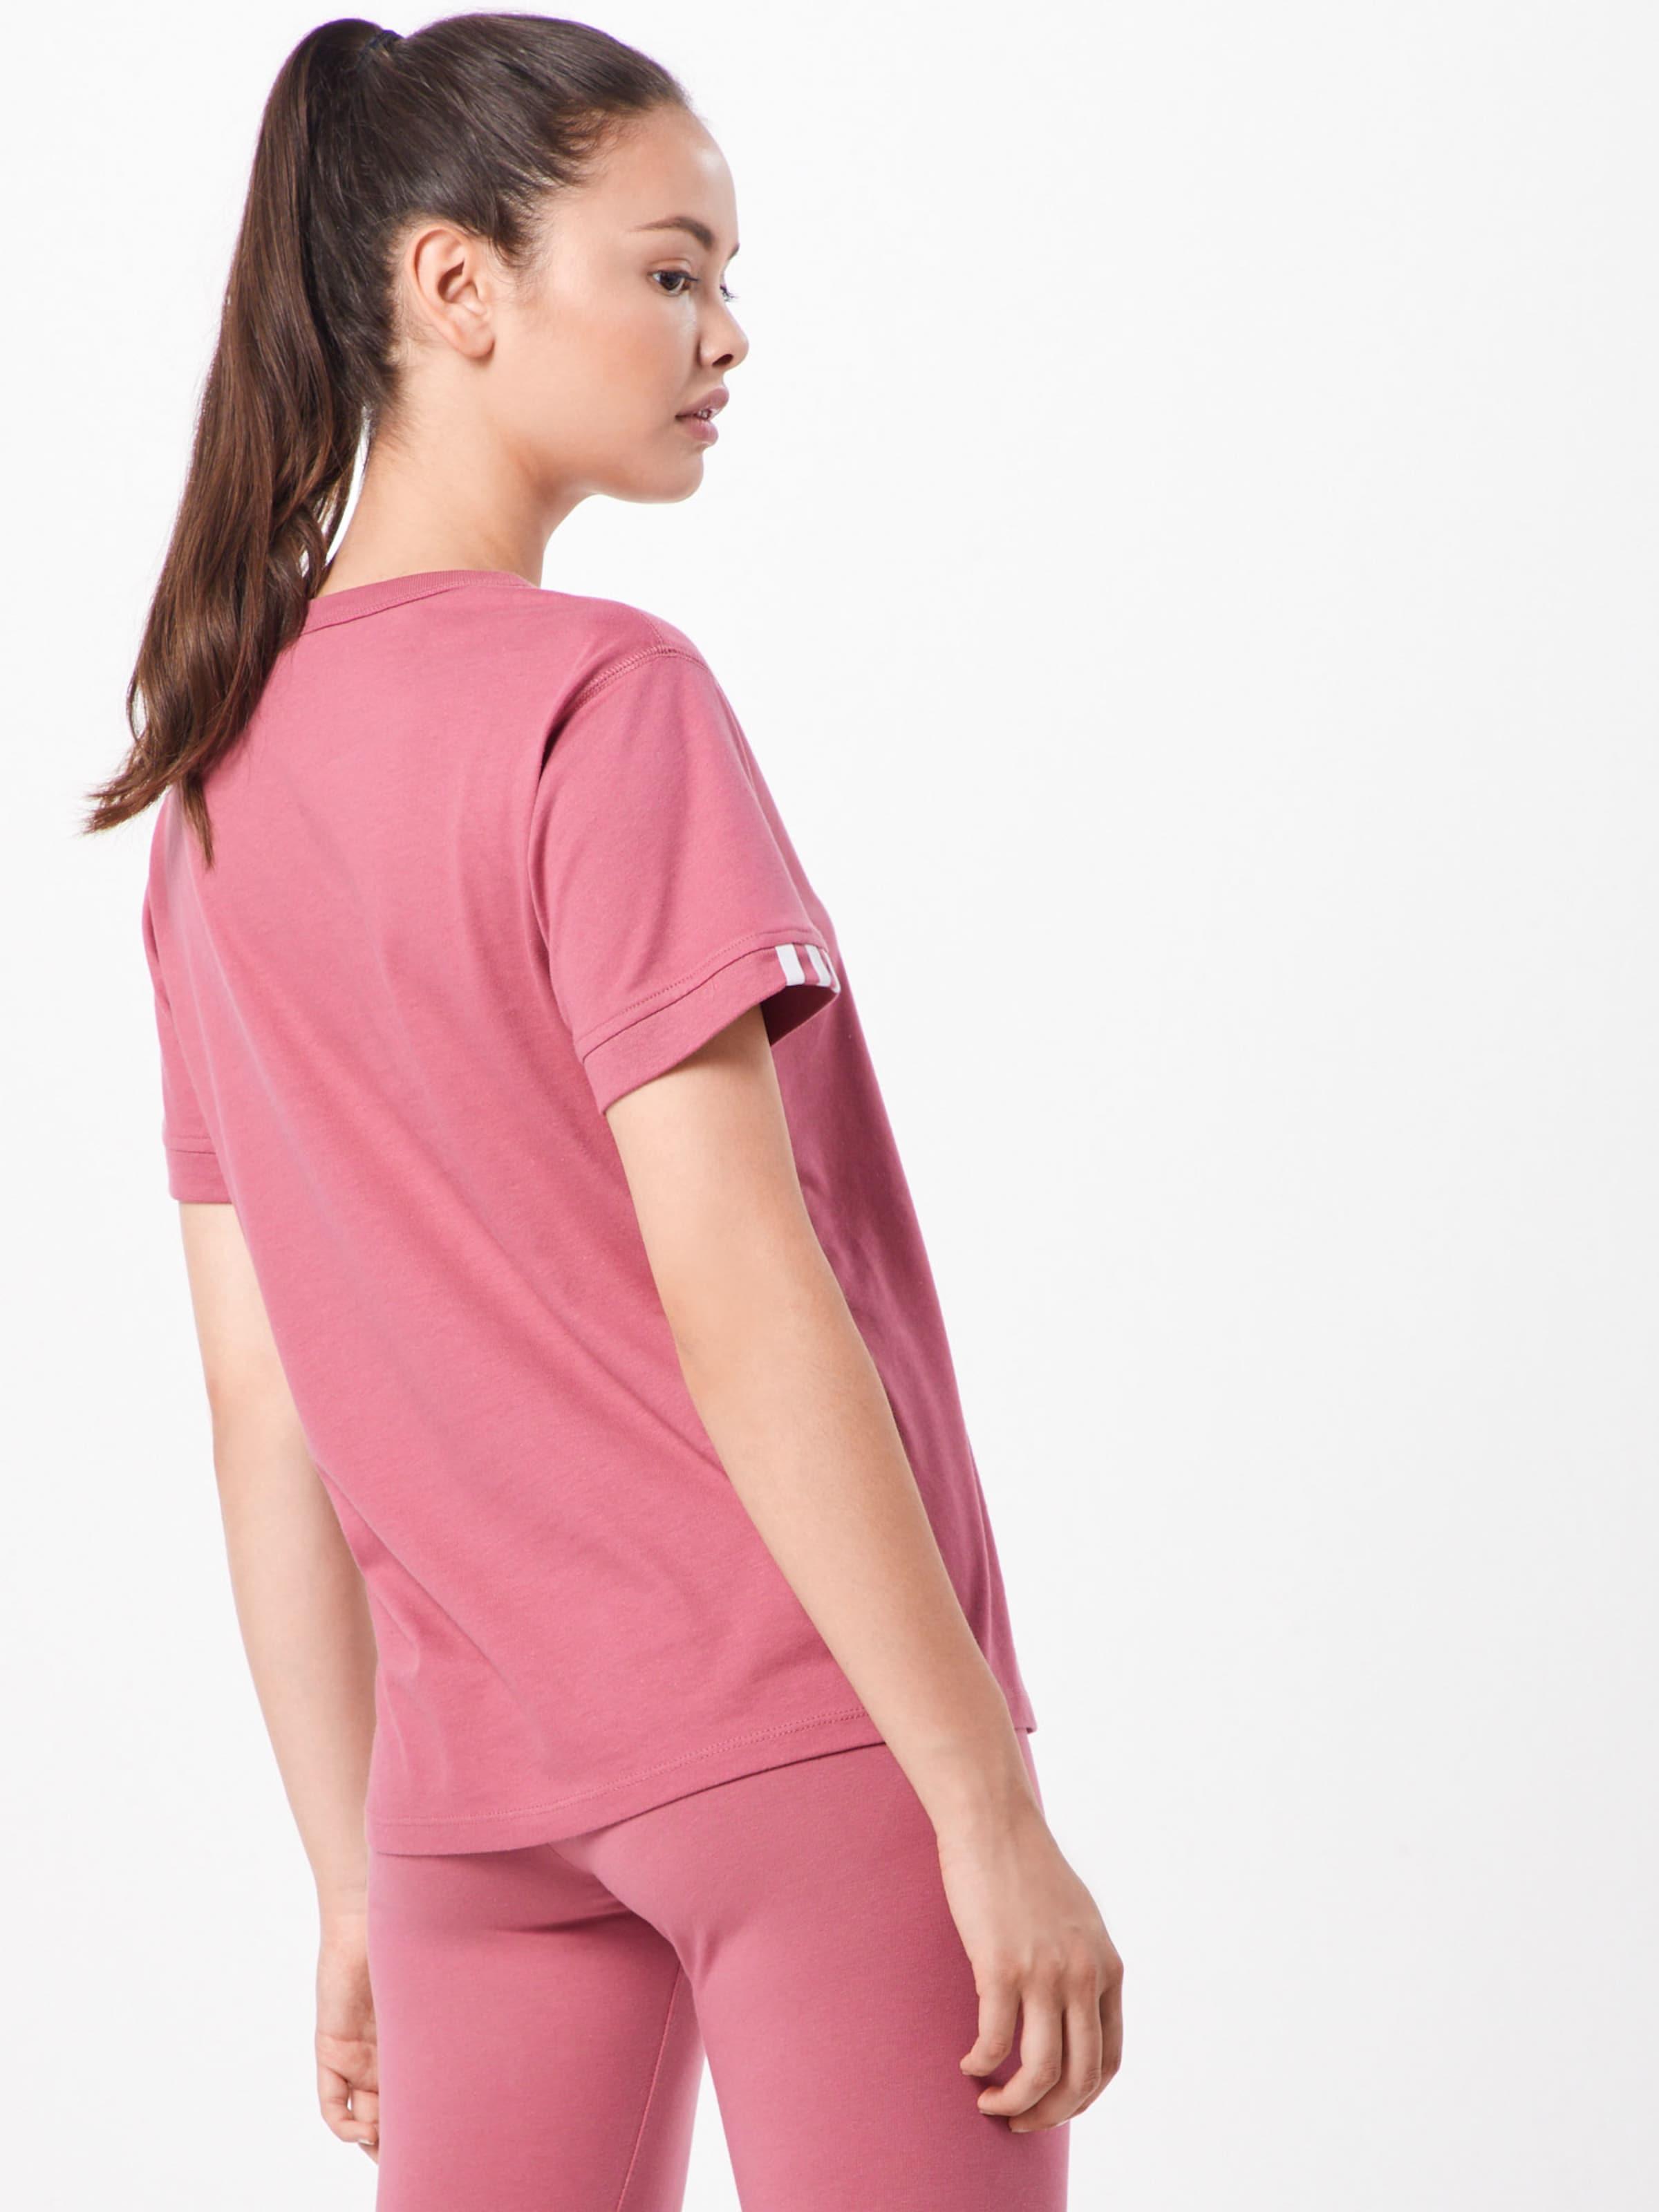 Rosé Originals T In Adidas shirt gvIbYf7ym6